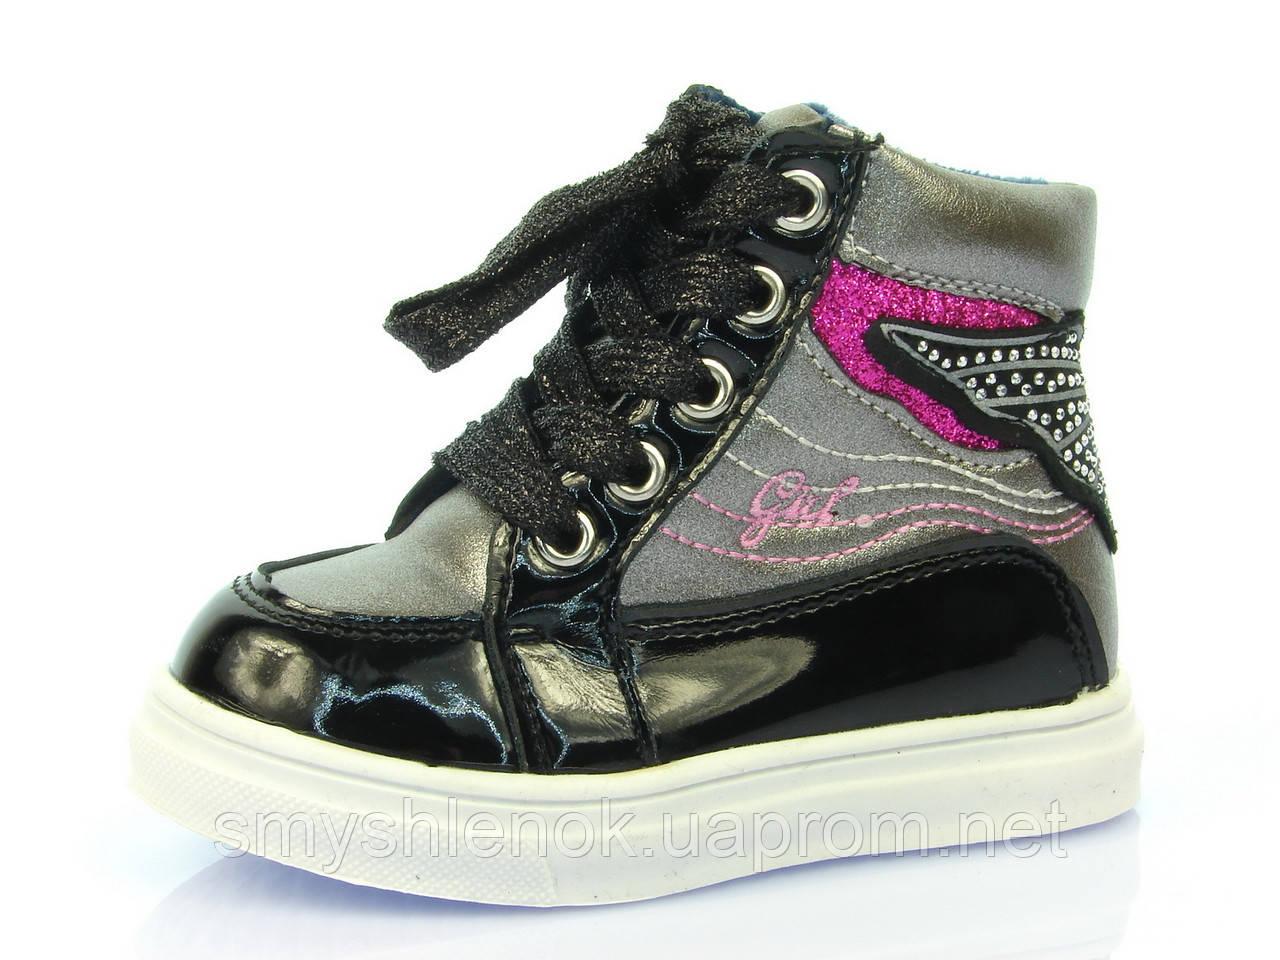 Детские модные ботинки J&G для девочки